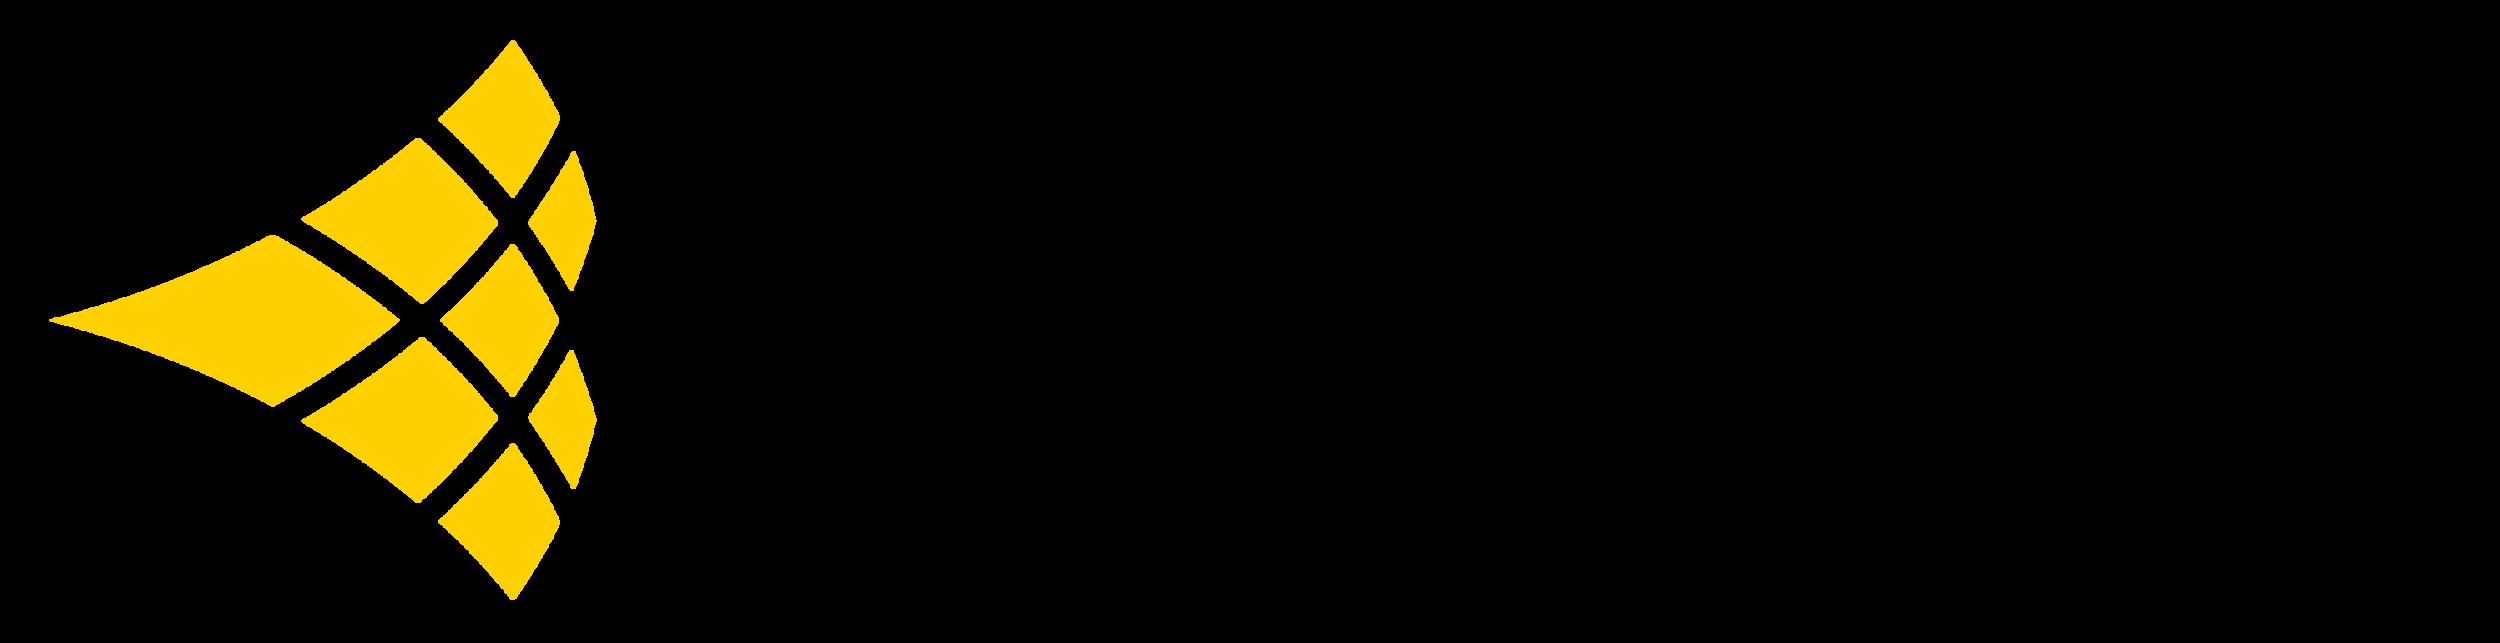 Comlogo BLK-Y-Icon-rgb.png